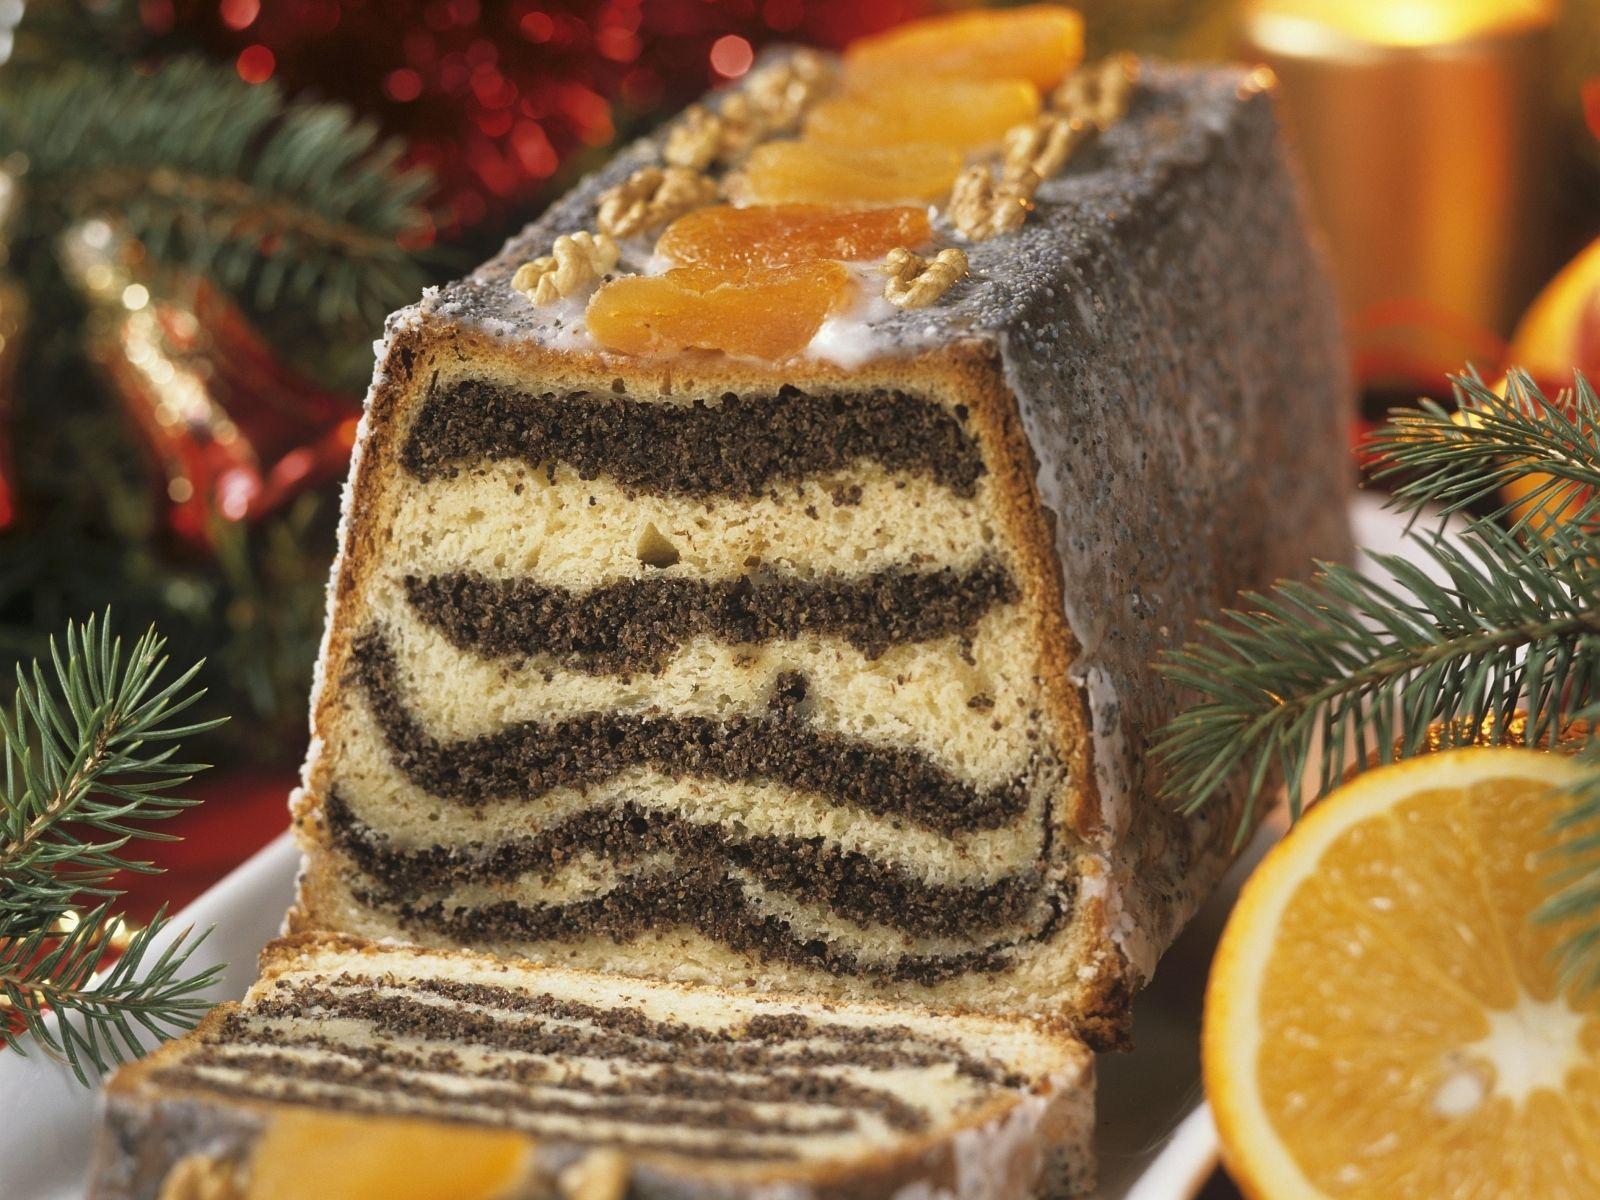 Mohnkuchen zu Weihnachten Rezept | EAT SMARTER